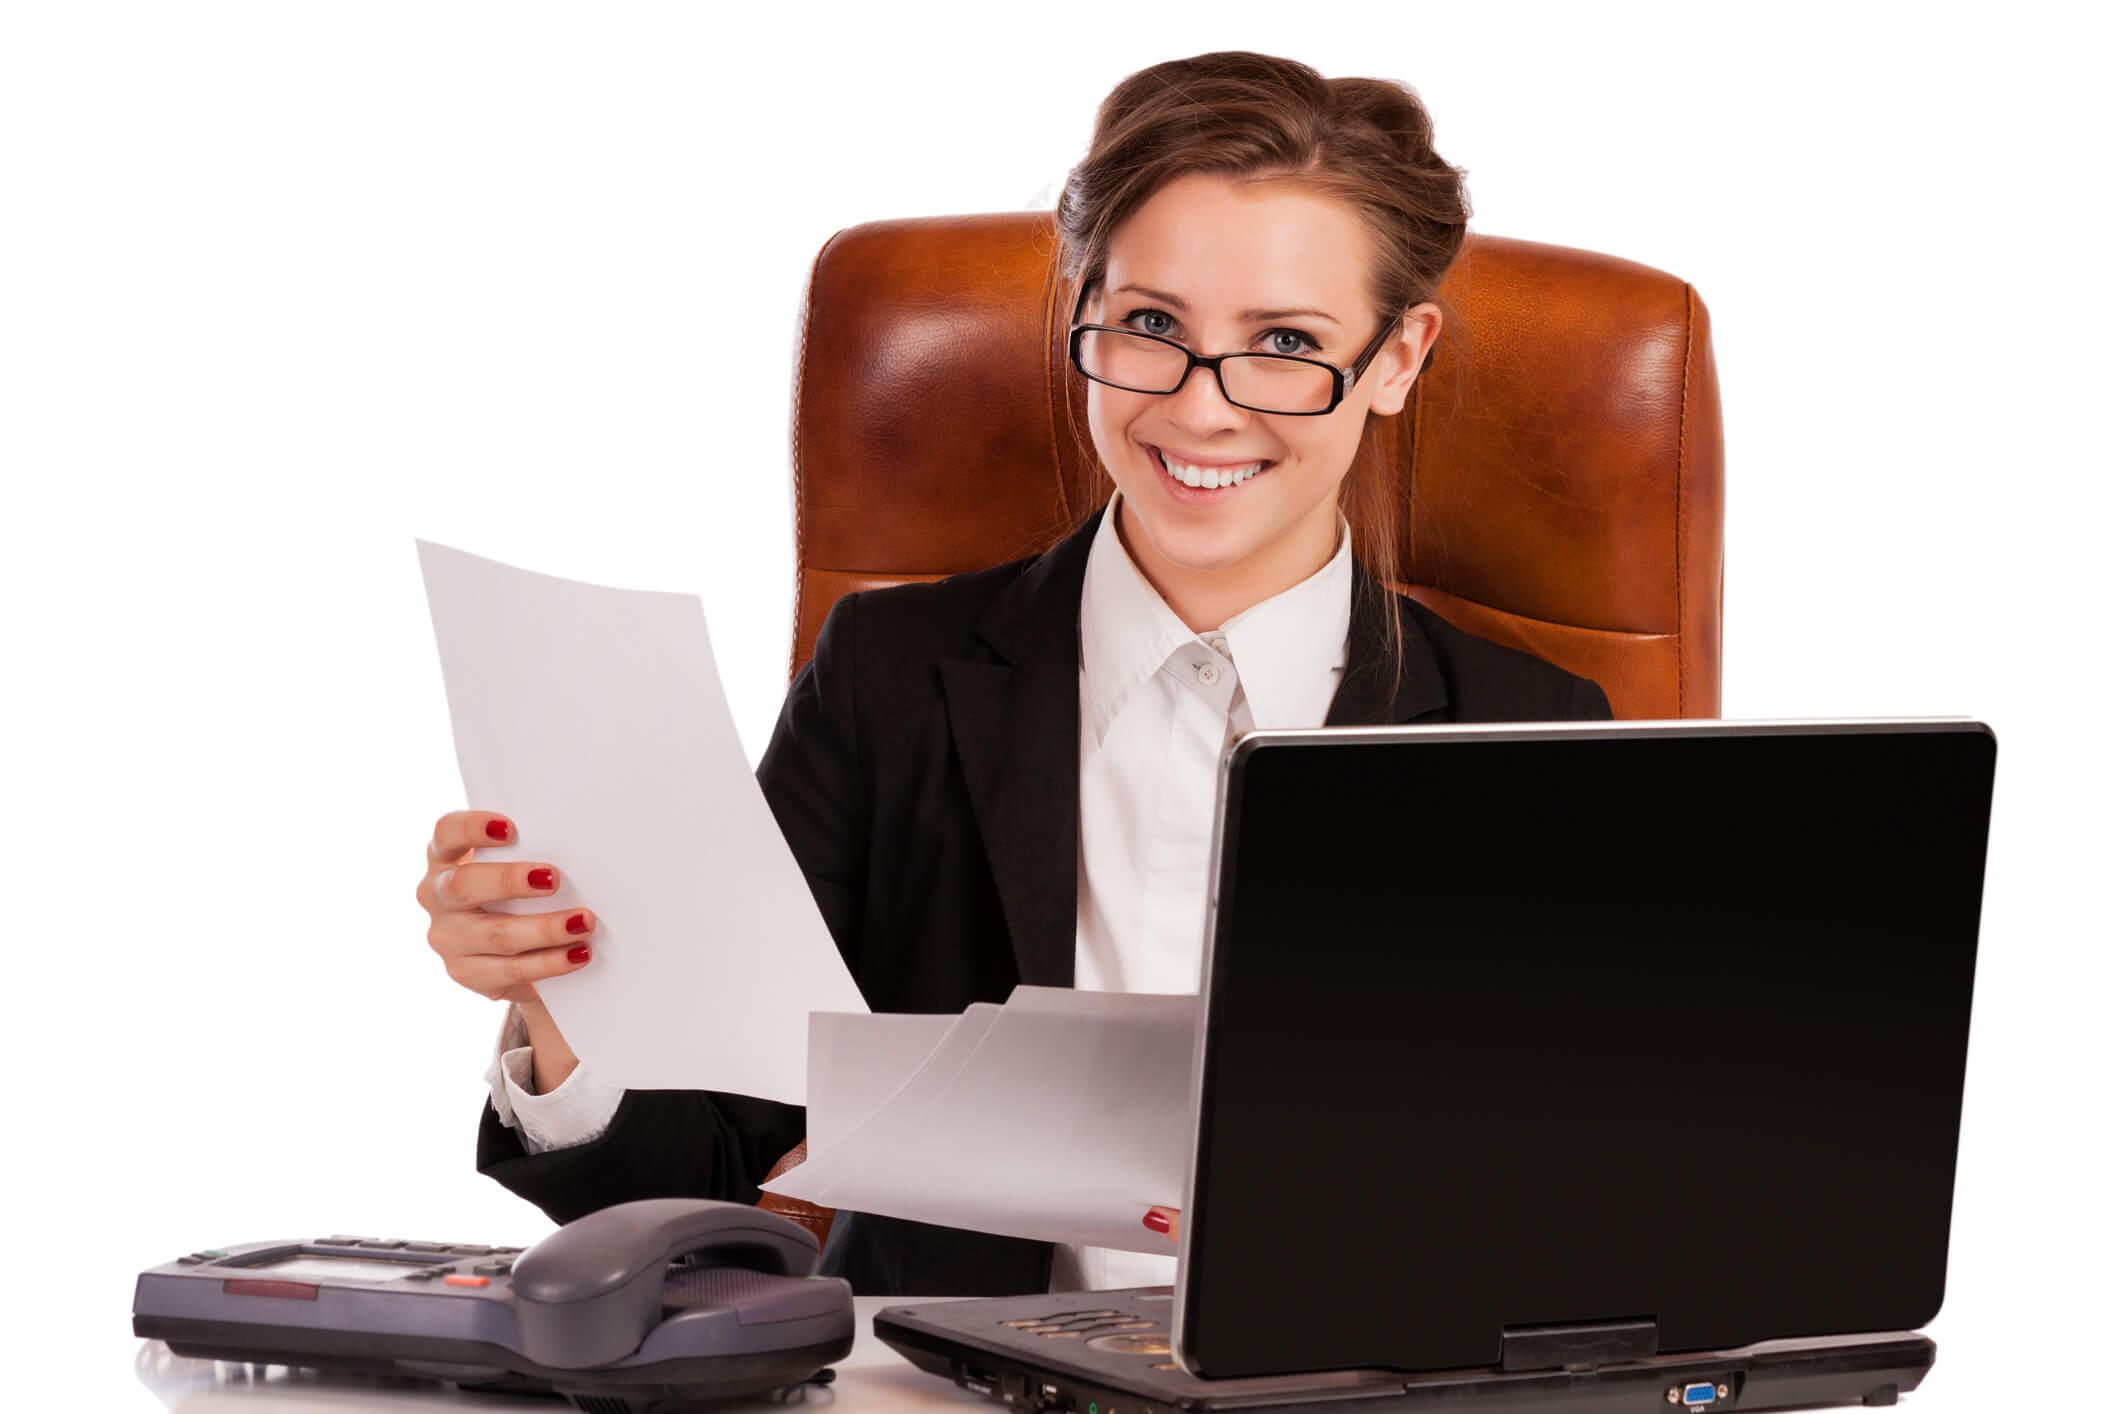 Lohnsteuer -Beraterin lächelnd Notebook